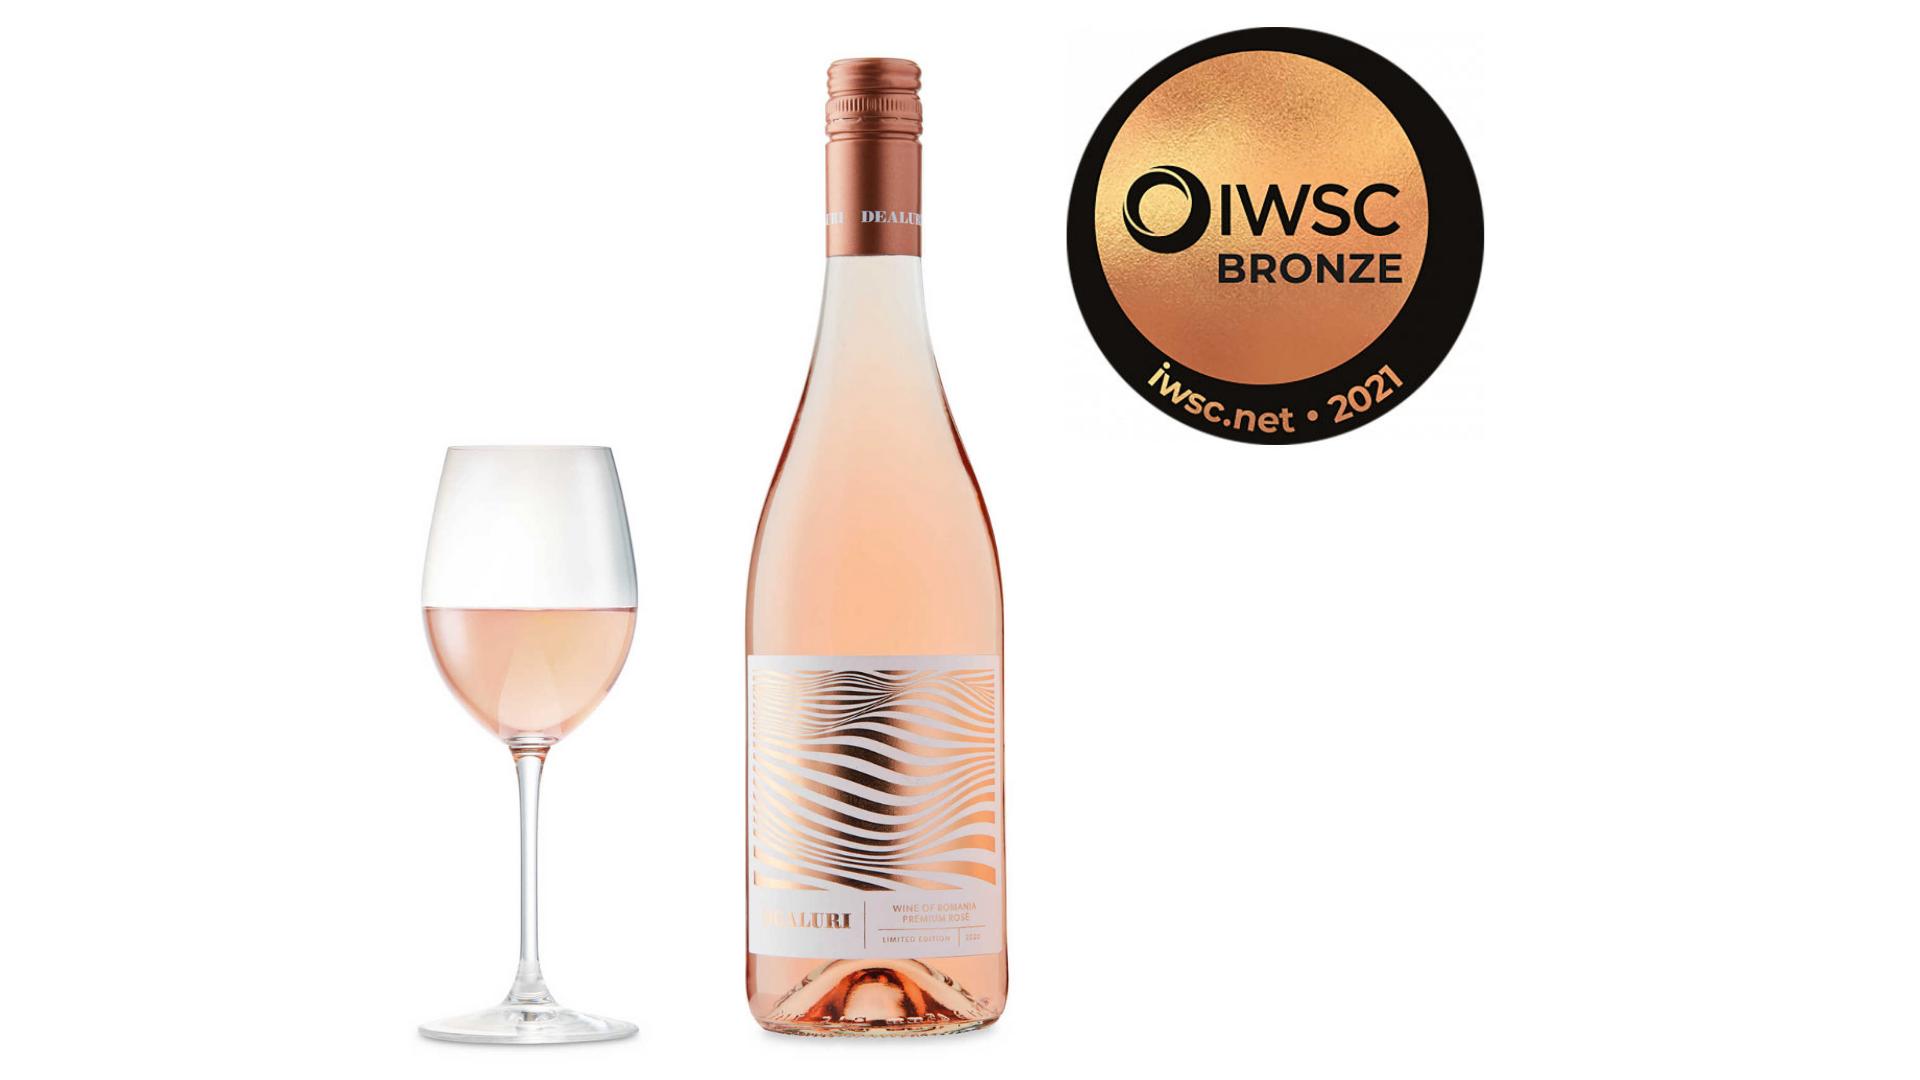 L'un des meilleurs vins bon marché - Dealuri Romanian Rosé